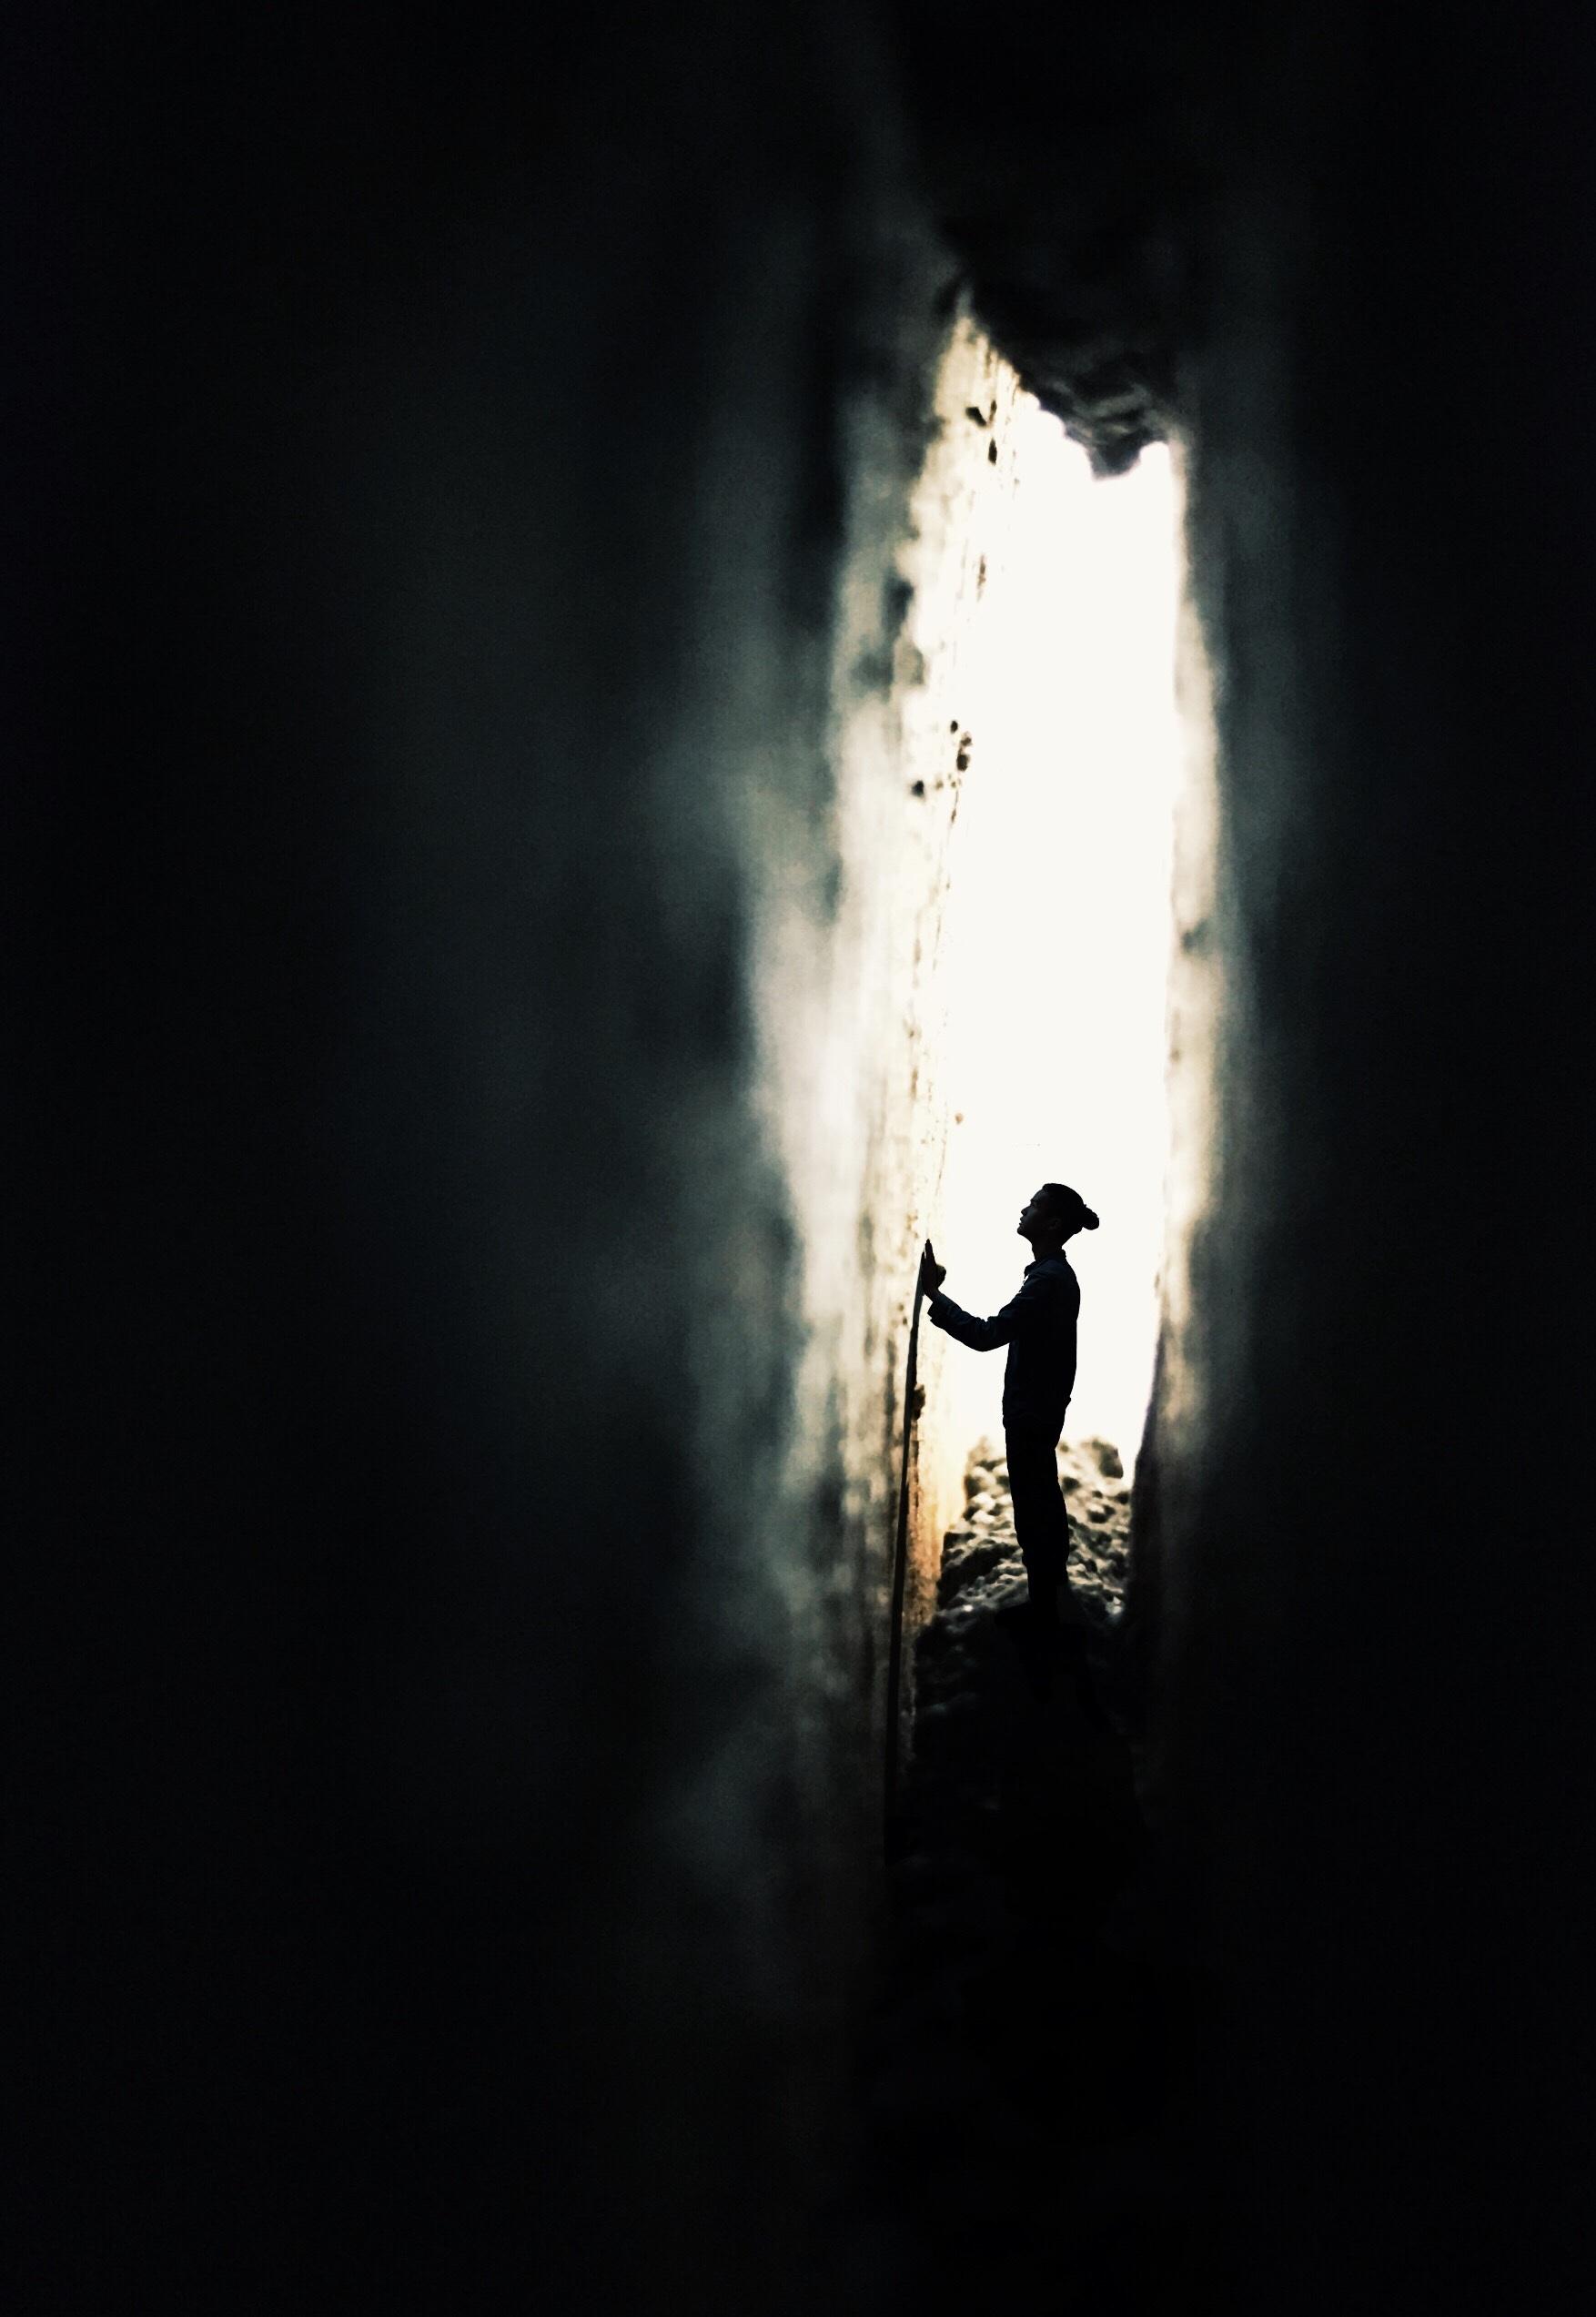 起業初期の人が必ずぶつかる壁とは?自己満足ではないサービスを作る方法